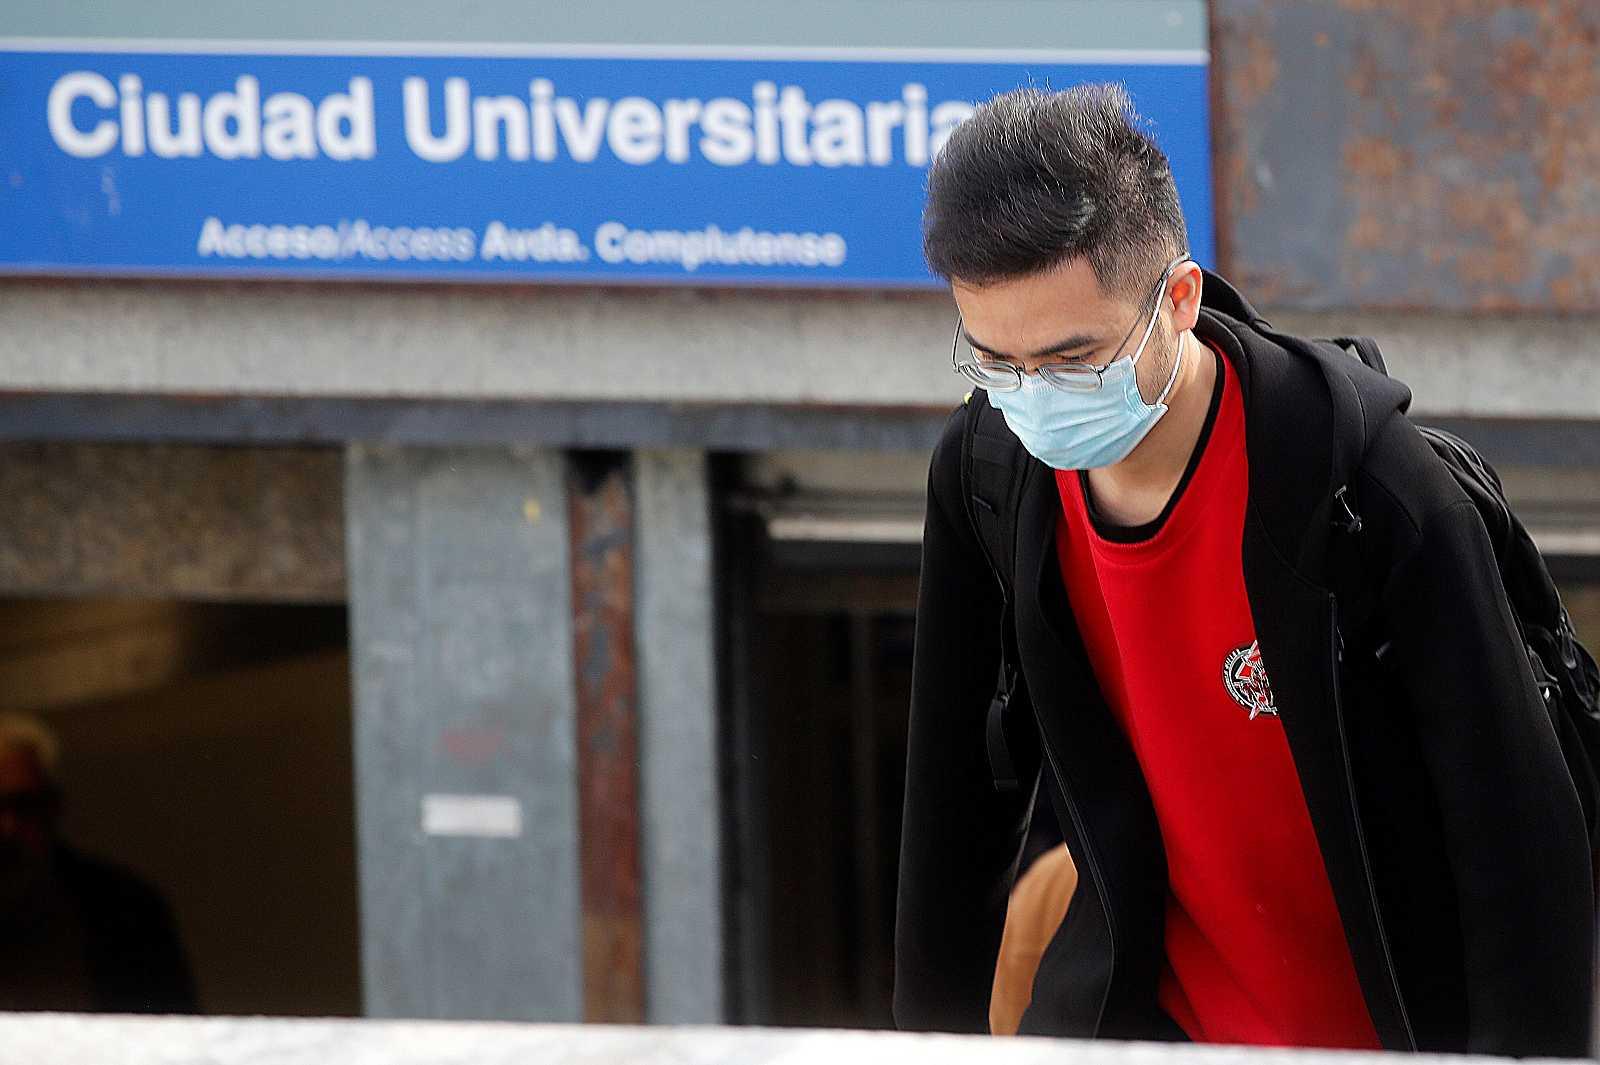 Un joven con mascarilla en el acceso a la estación de metro de Ciudad Universitaria